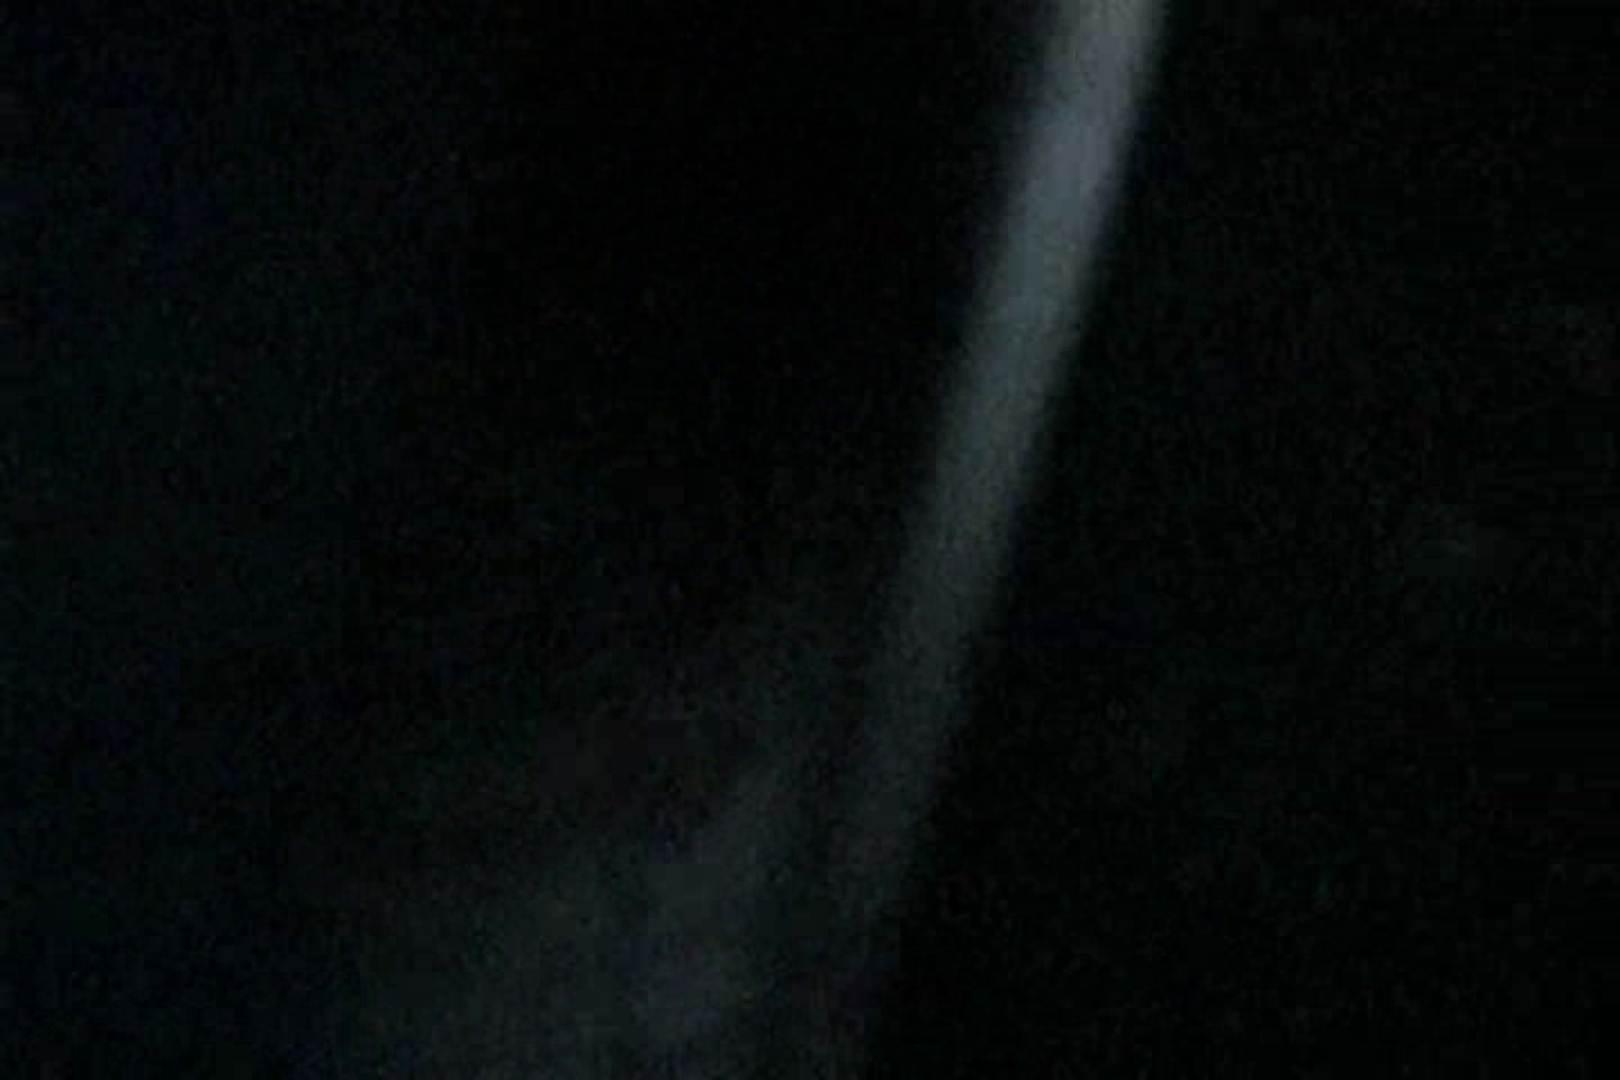 「充血監督」さんの深夜の運動会!! vol.136 赤外線 | カップルDEイチャイチャ  24連発 13